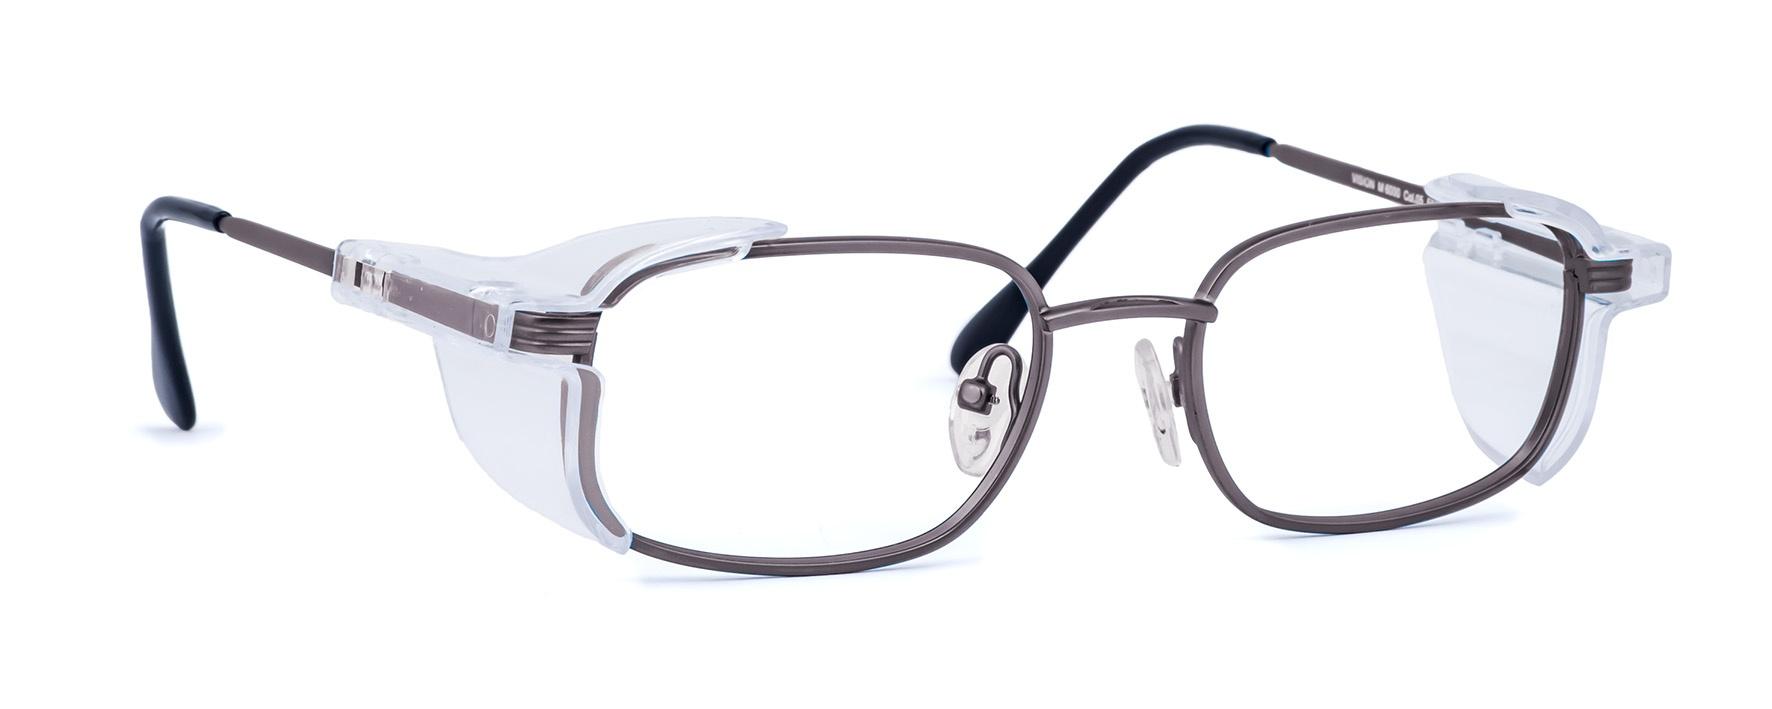 VISION M6000 6000-22-5000 (Titanium)